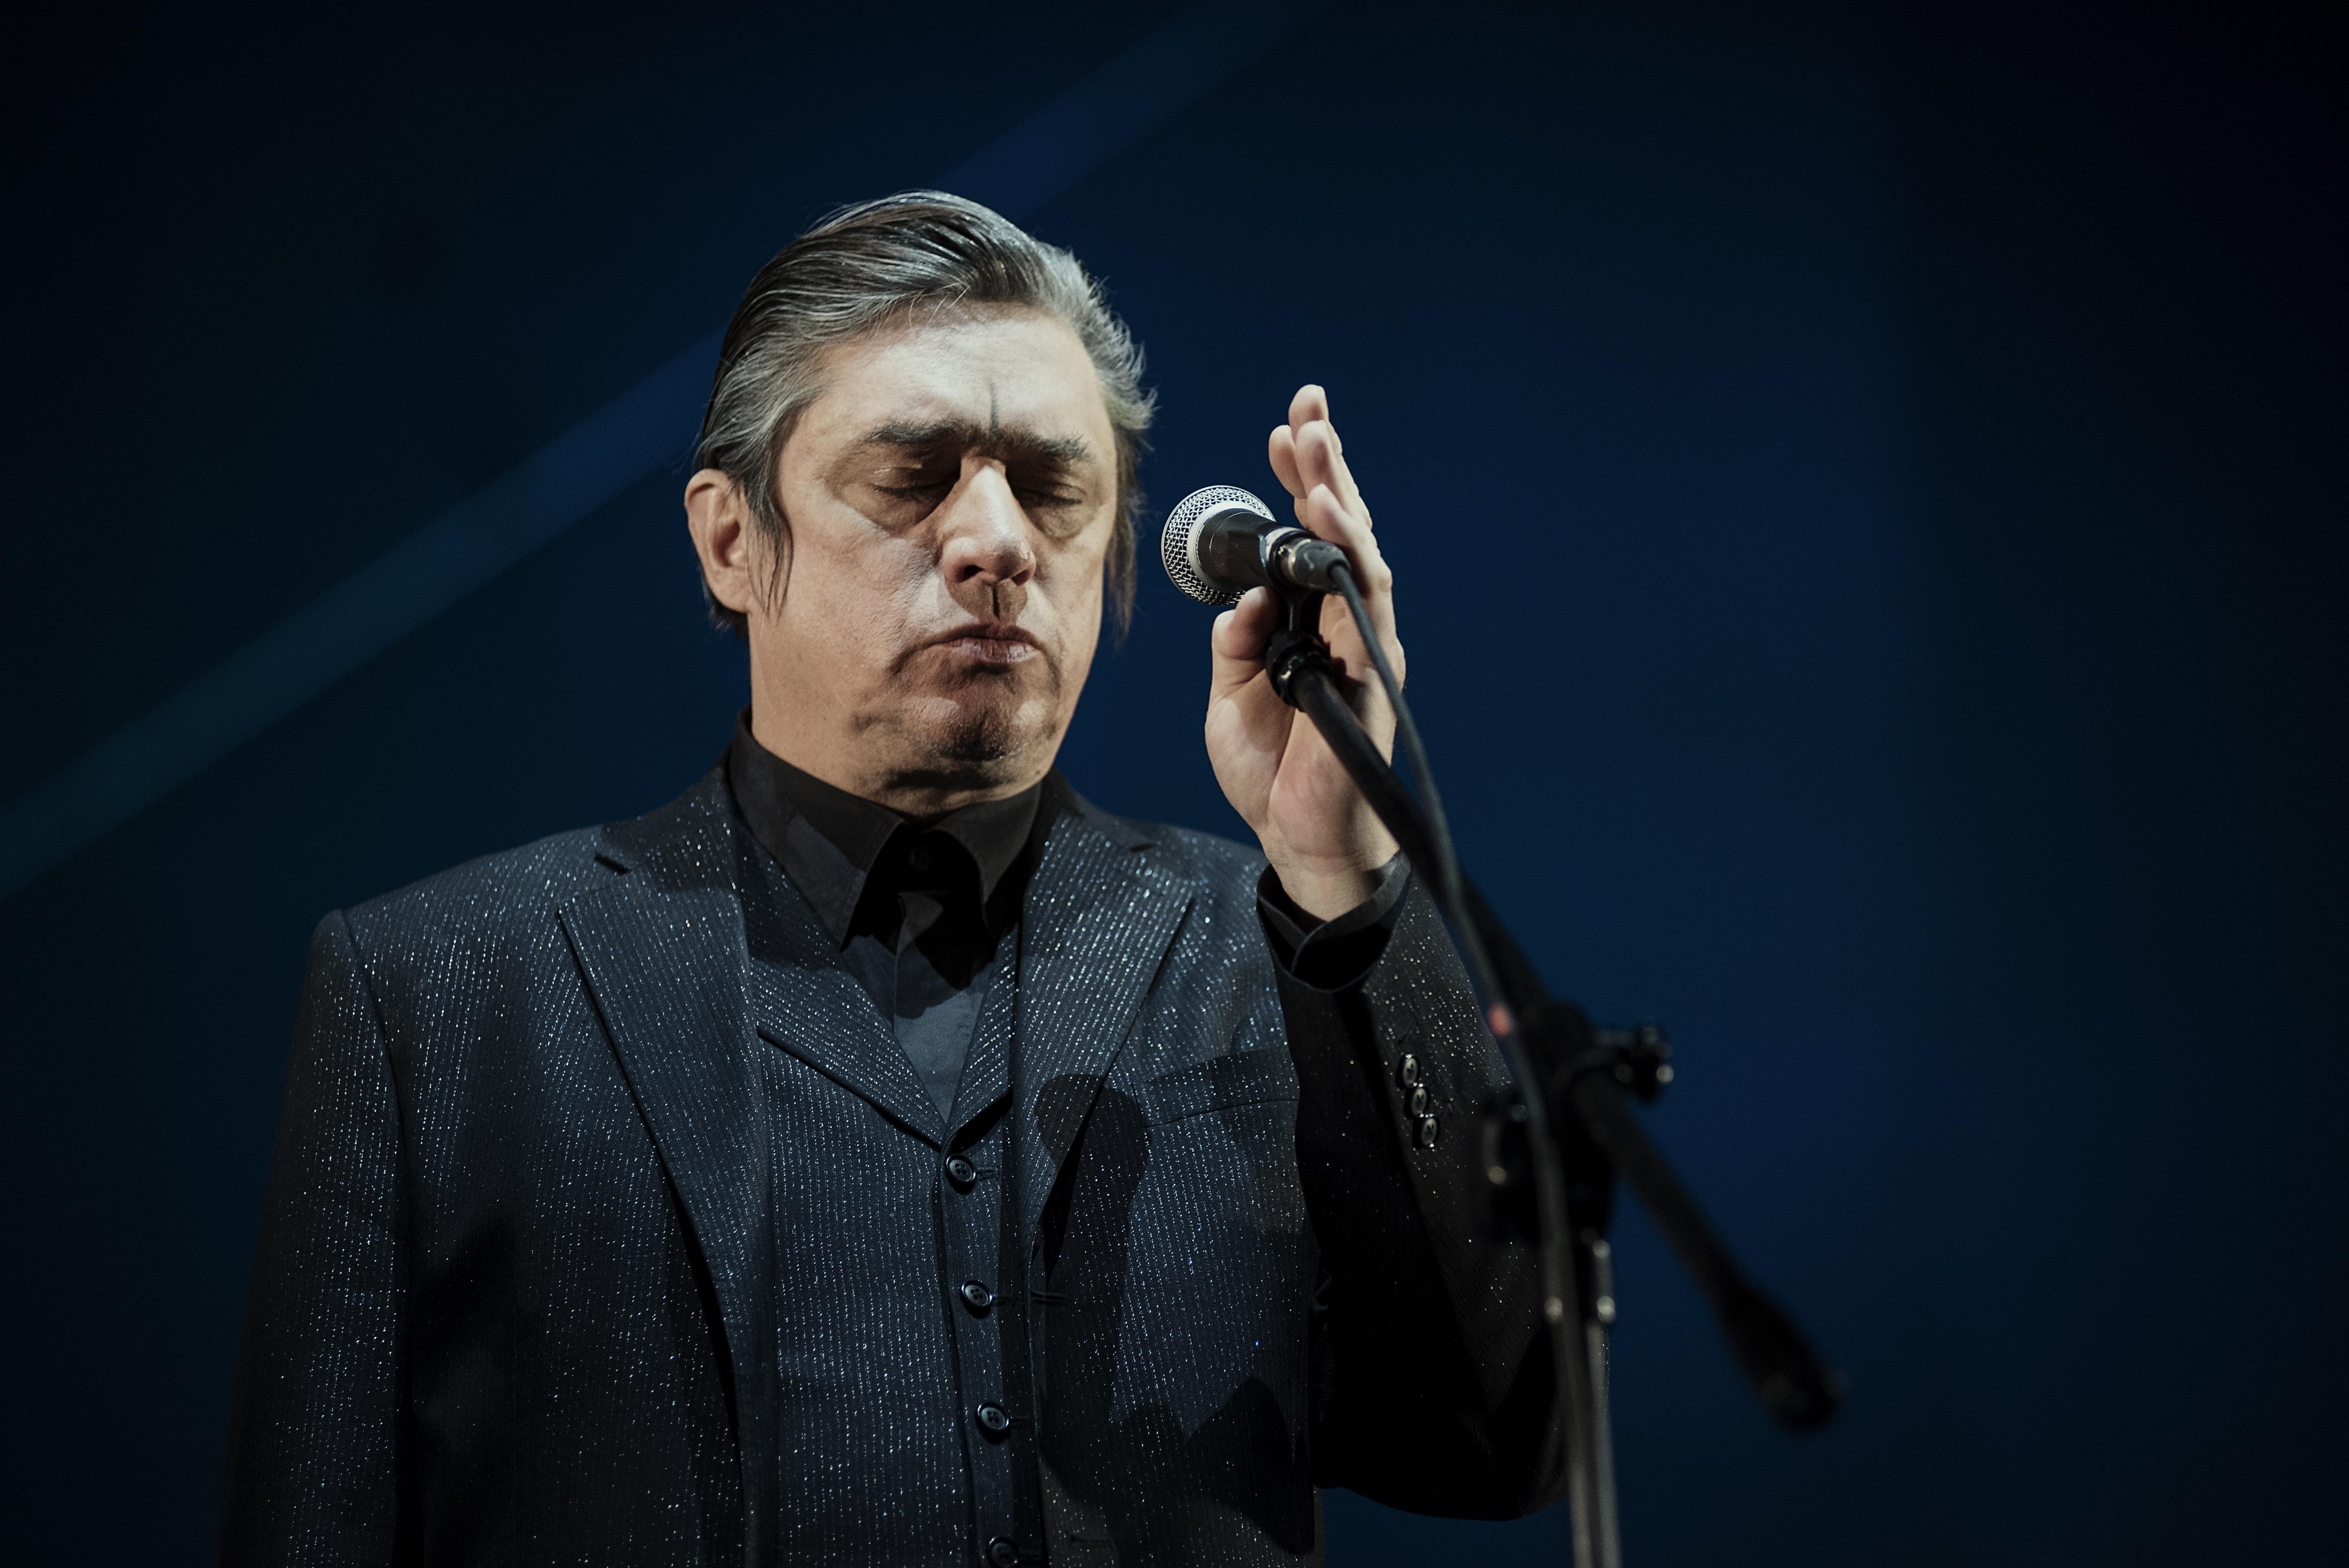 Koncert zespołu Einsturzende.Na zdjęciu widać wokalistę, który stoi przed mikrofonem z zamkniętymi oczami.